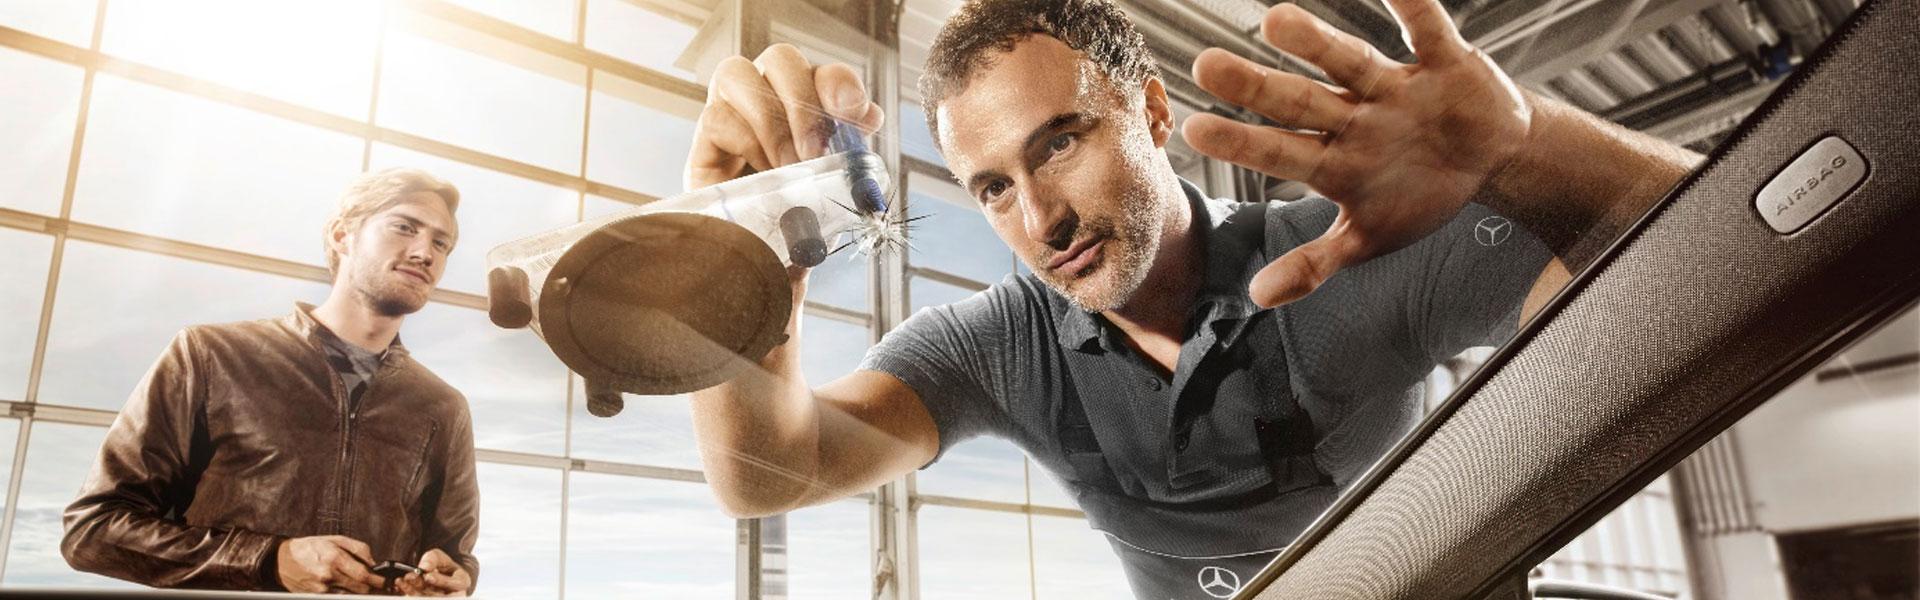 Mercedes-Brinkmann-Mercedes-Benz-Autoglasreparatur-Reparatur-Glas-Frontscheibe